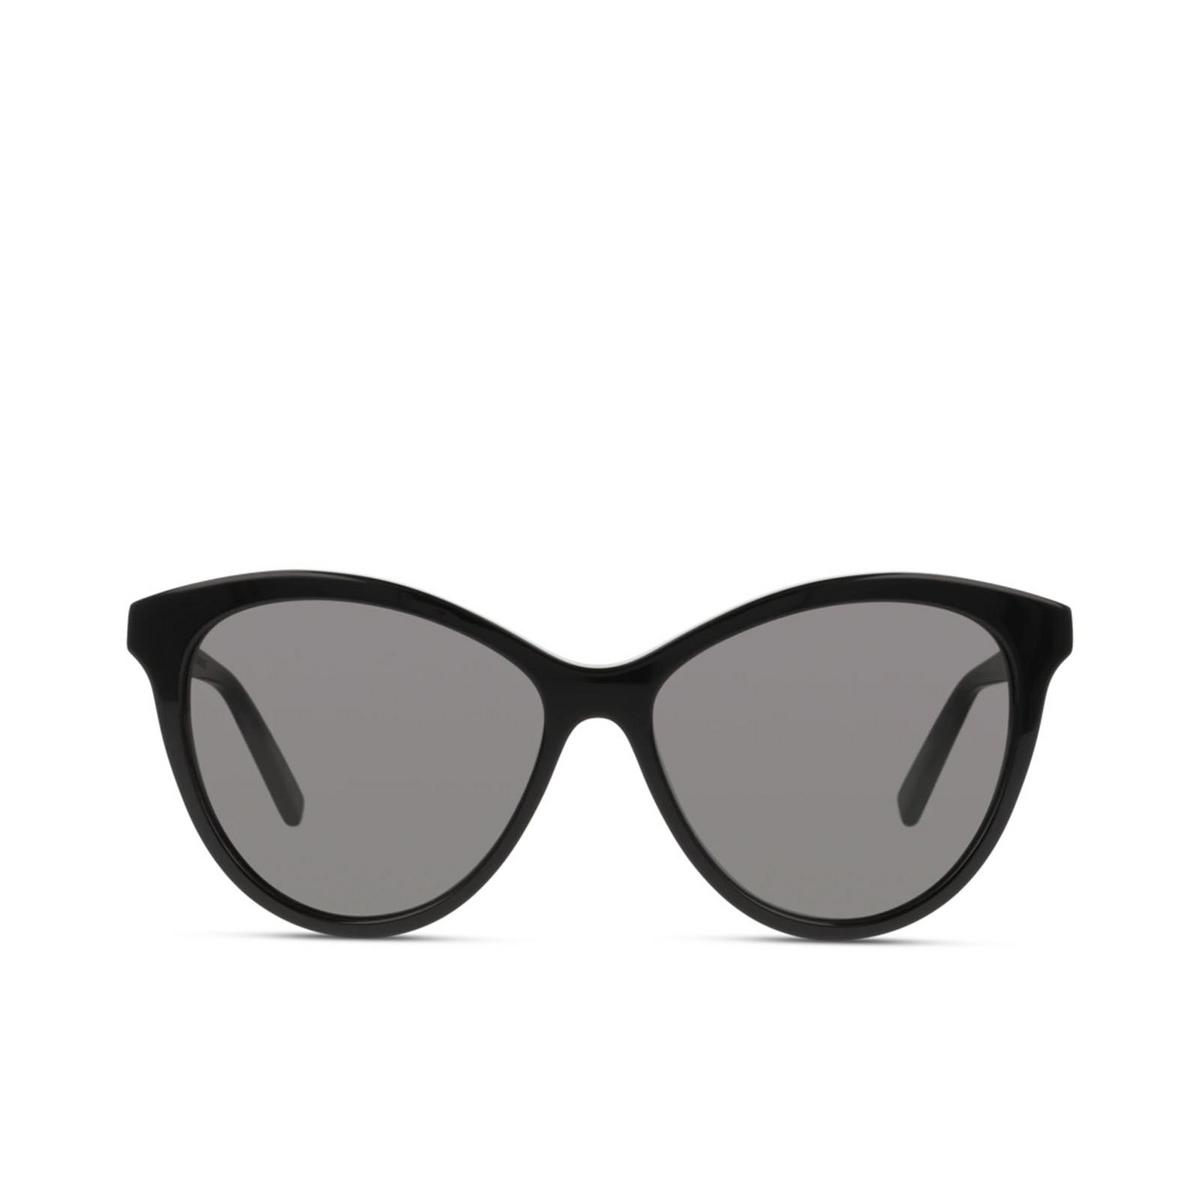 Saint Laurent® Cat-eye Sunglasses: SL 456 color Black 001 - front view.